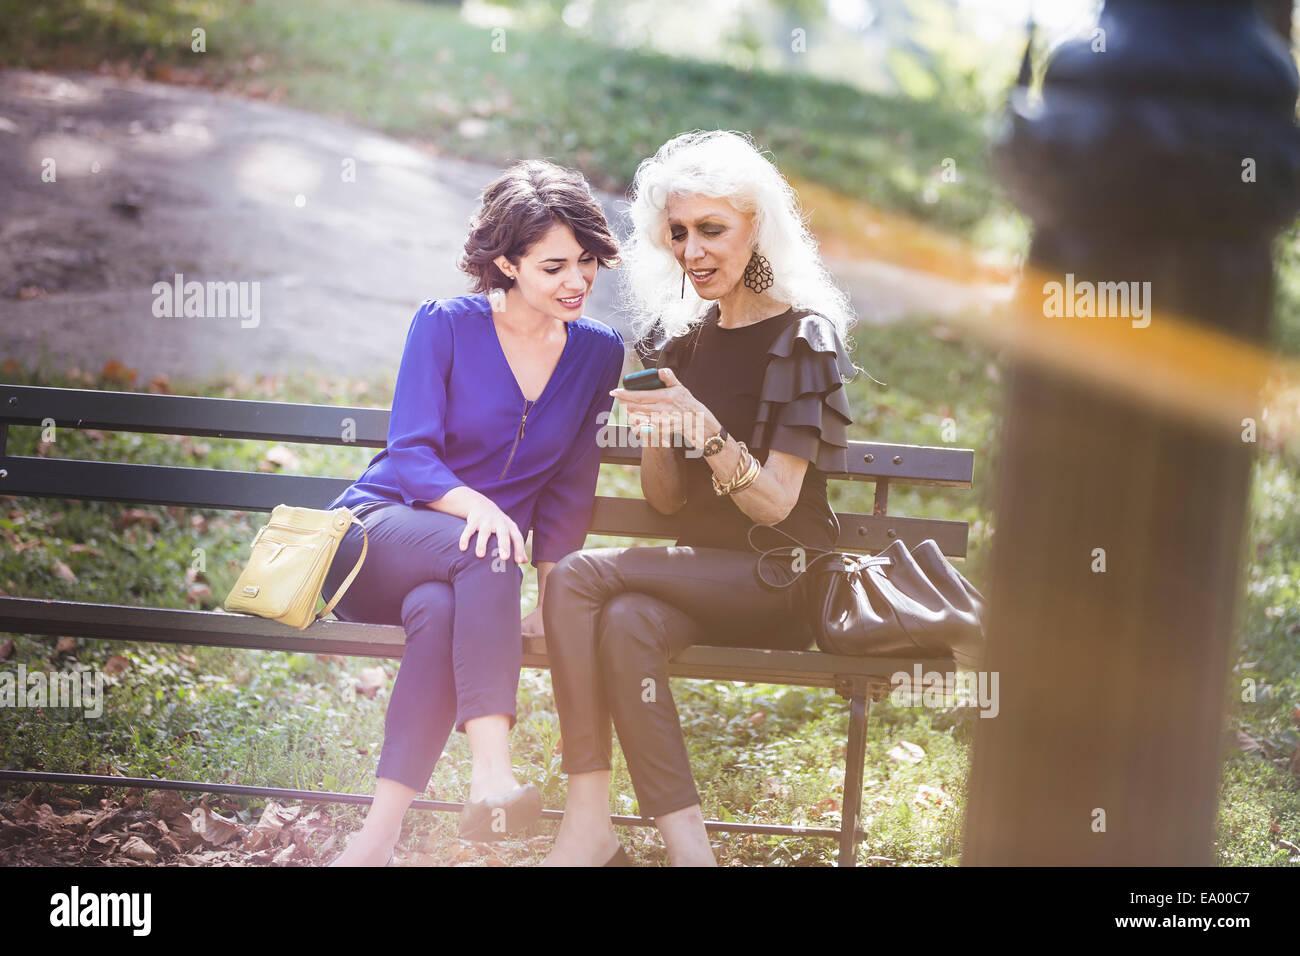 Junge Frau im Stadtpark mit Mentor betrachten von Fotos im smartphone Stockbild